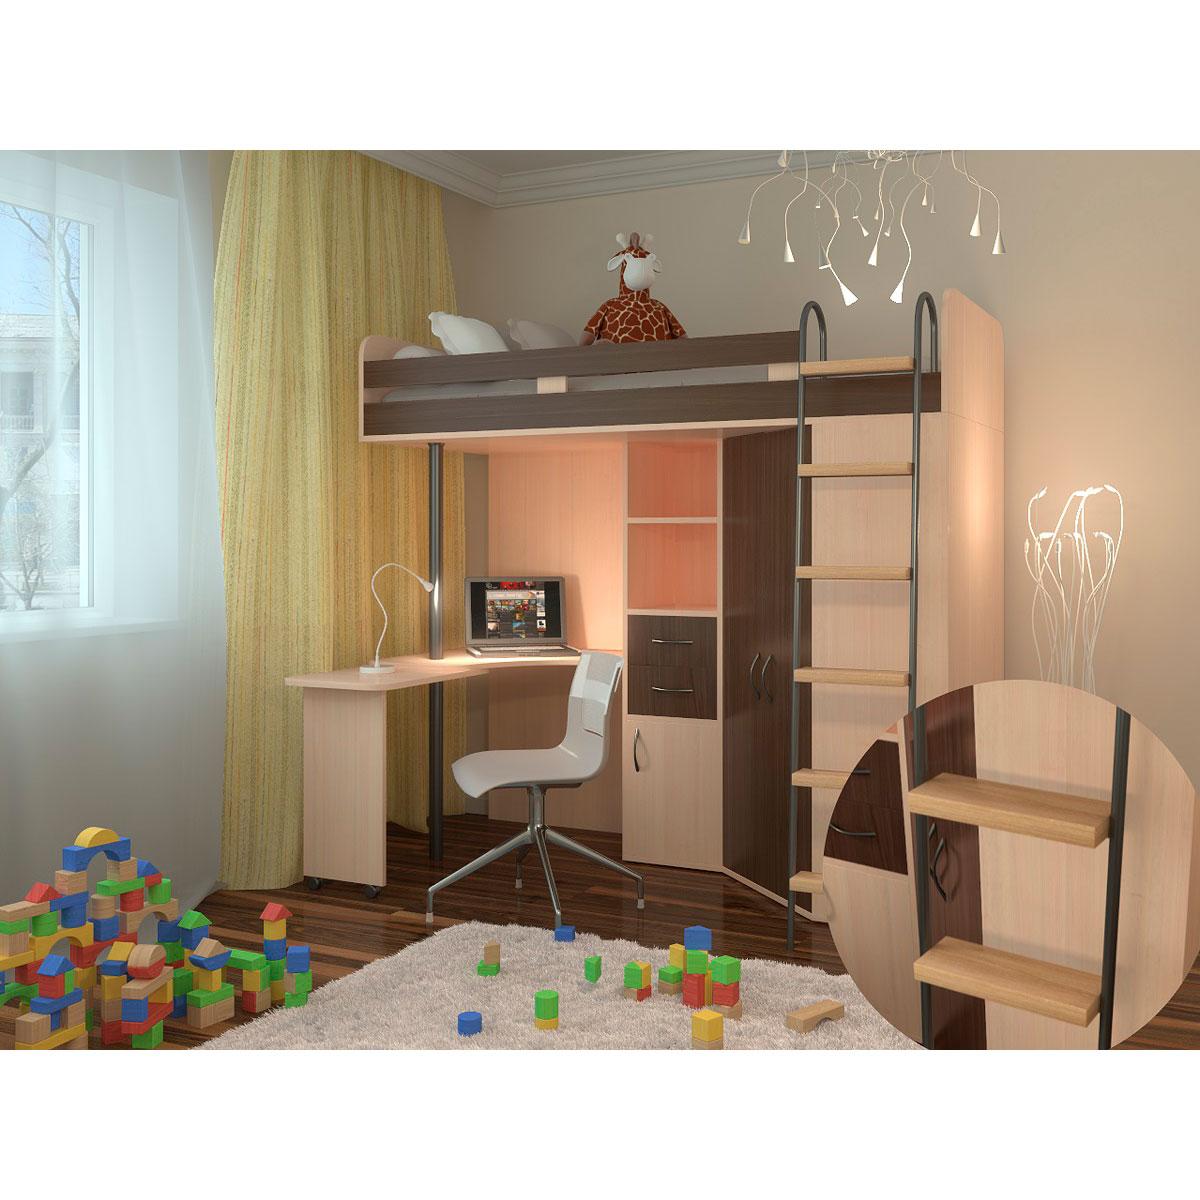 Набор мебели РВ-Мебель М85 Дуб молочный/Дуб шамони